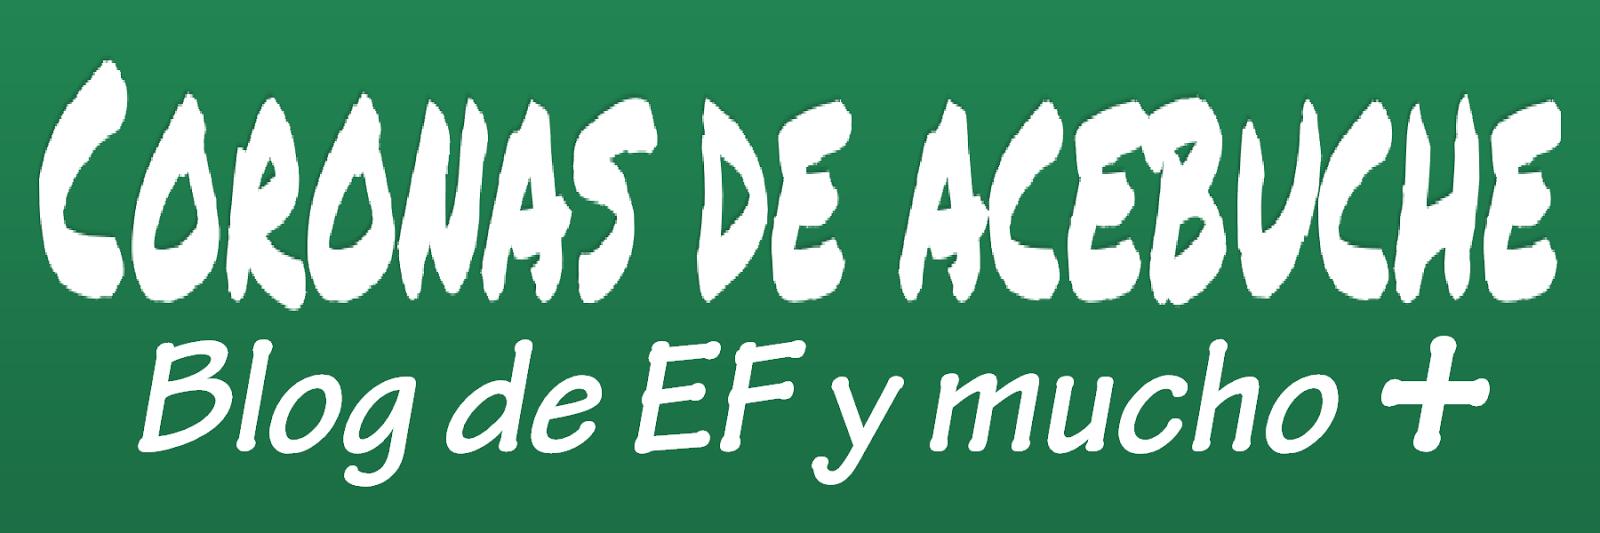 EF y mucho +